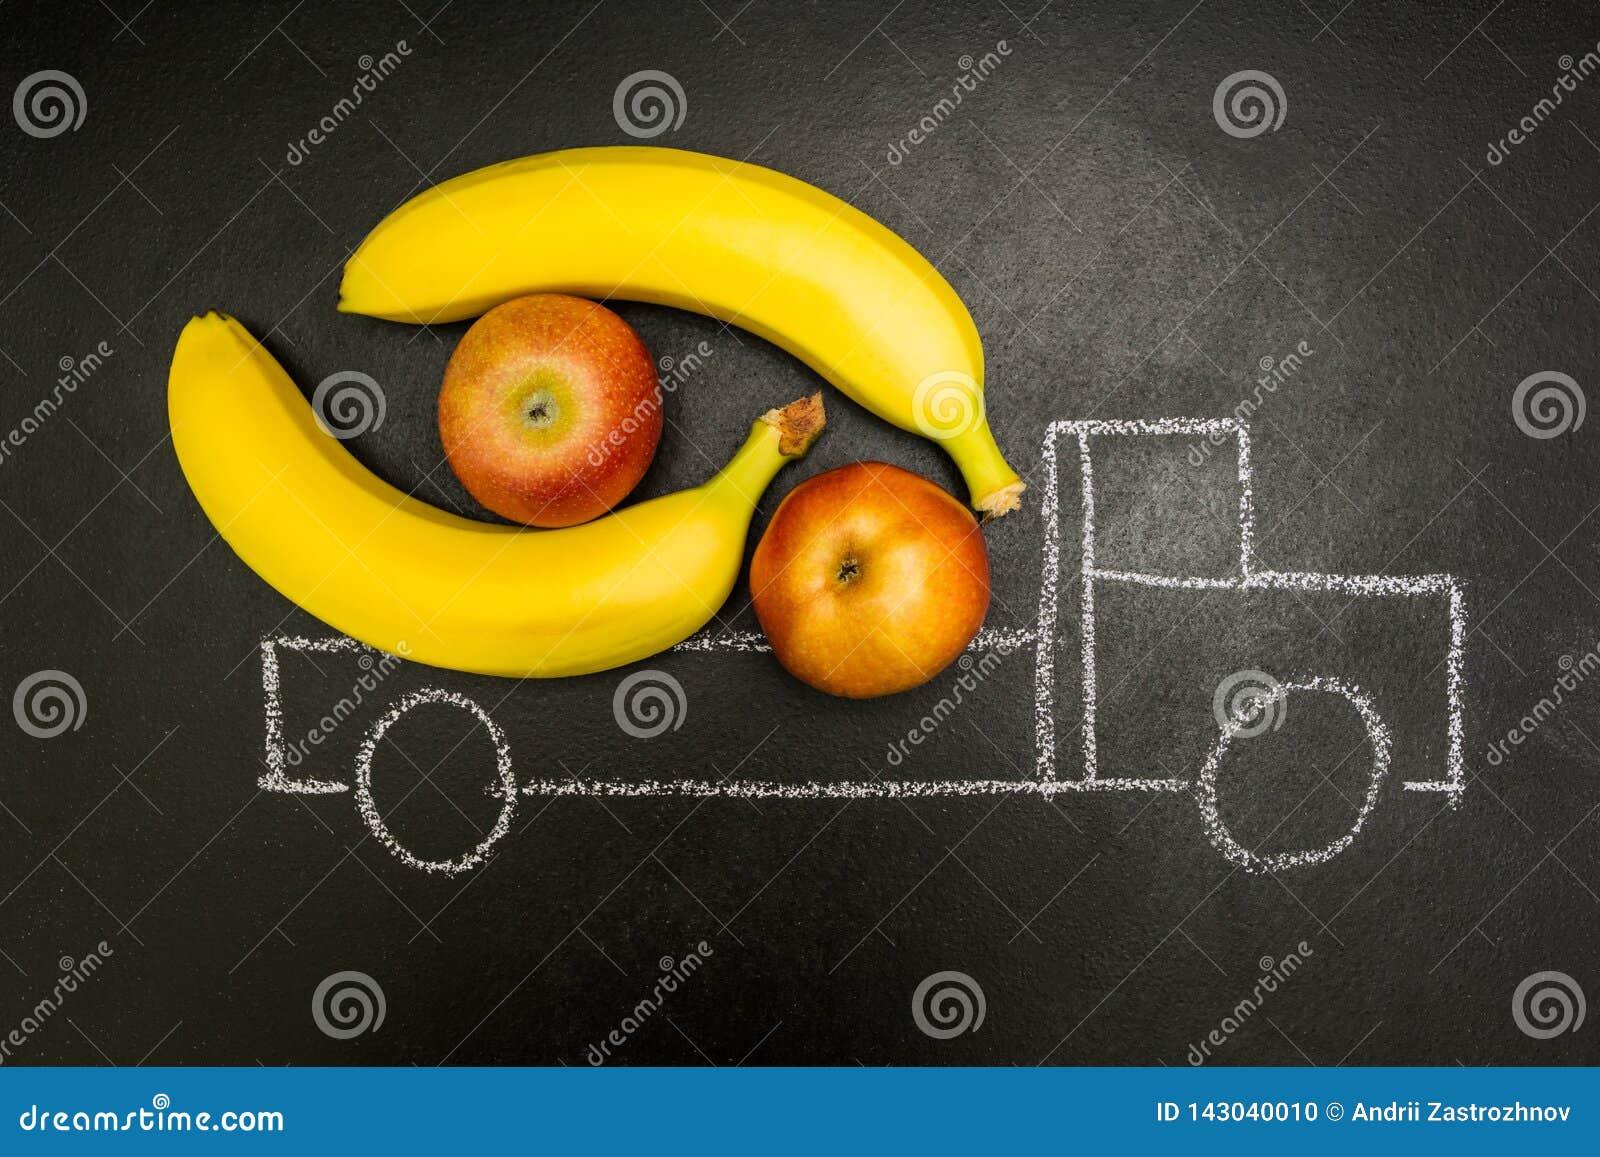 Krijt geschilderde die vrachtwagen met bananen en appelen op een zwarte achtergrond wordt geladen